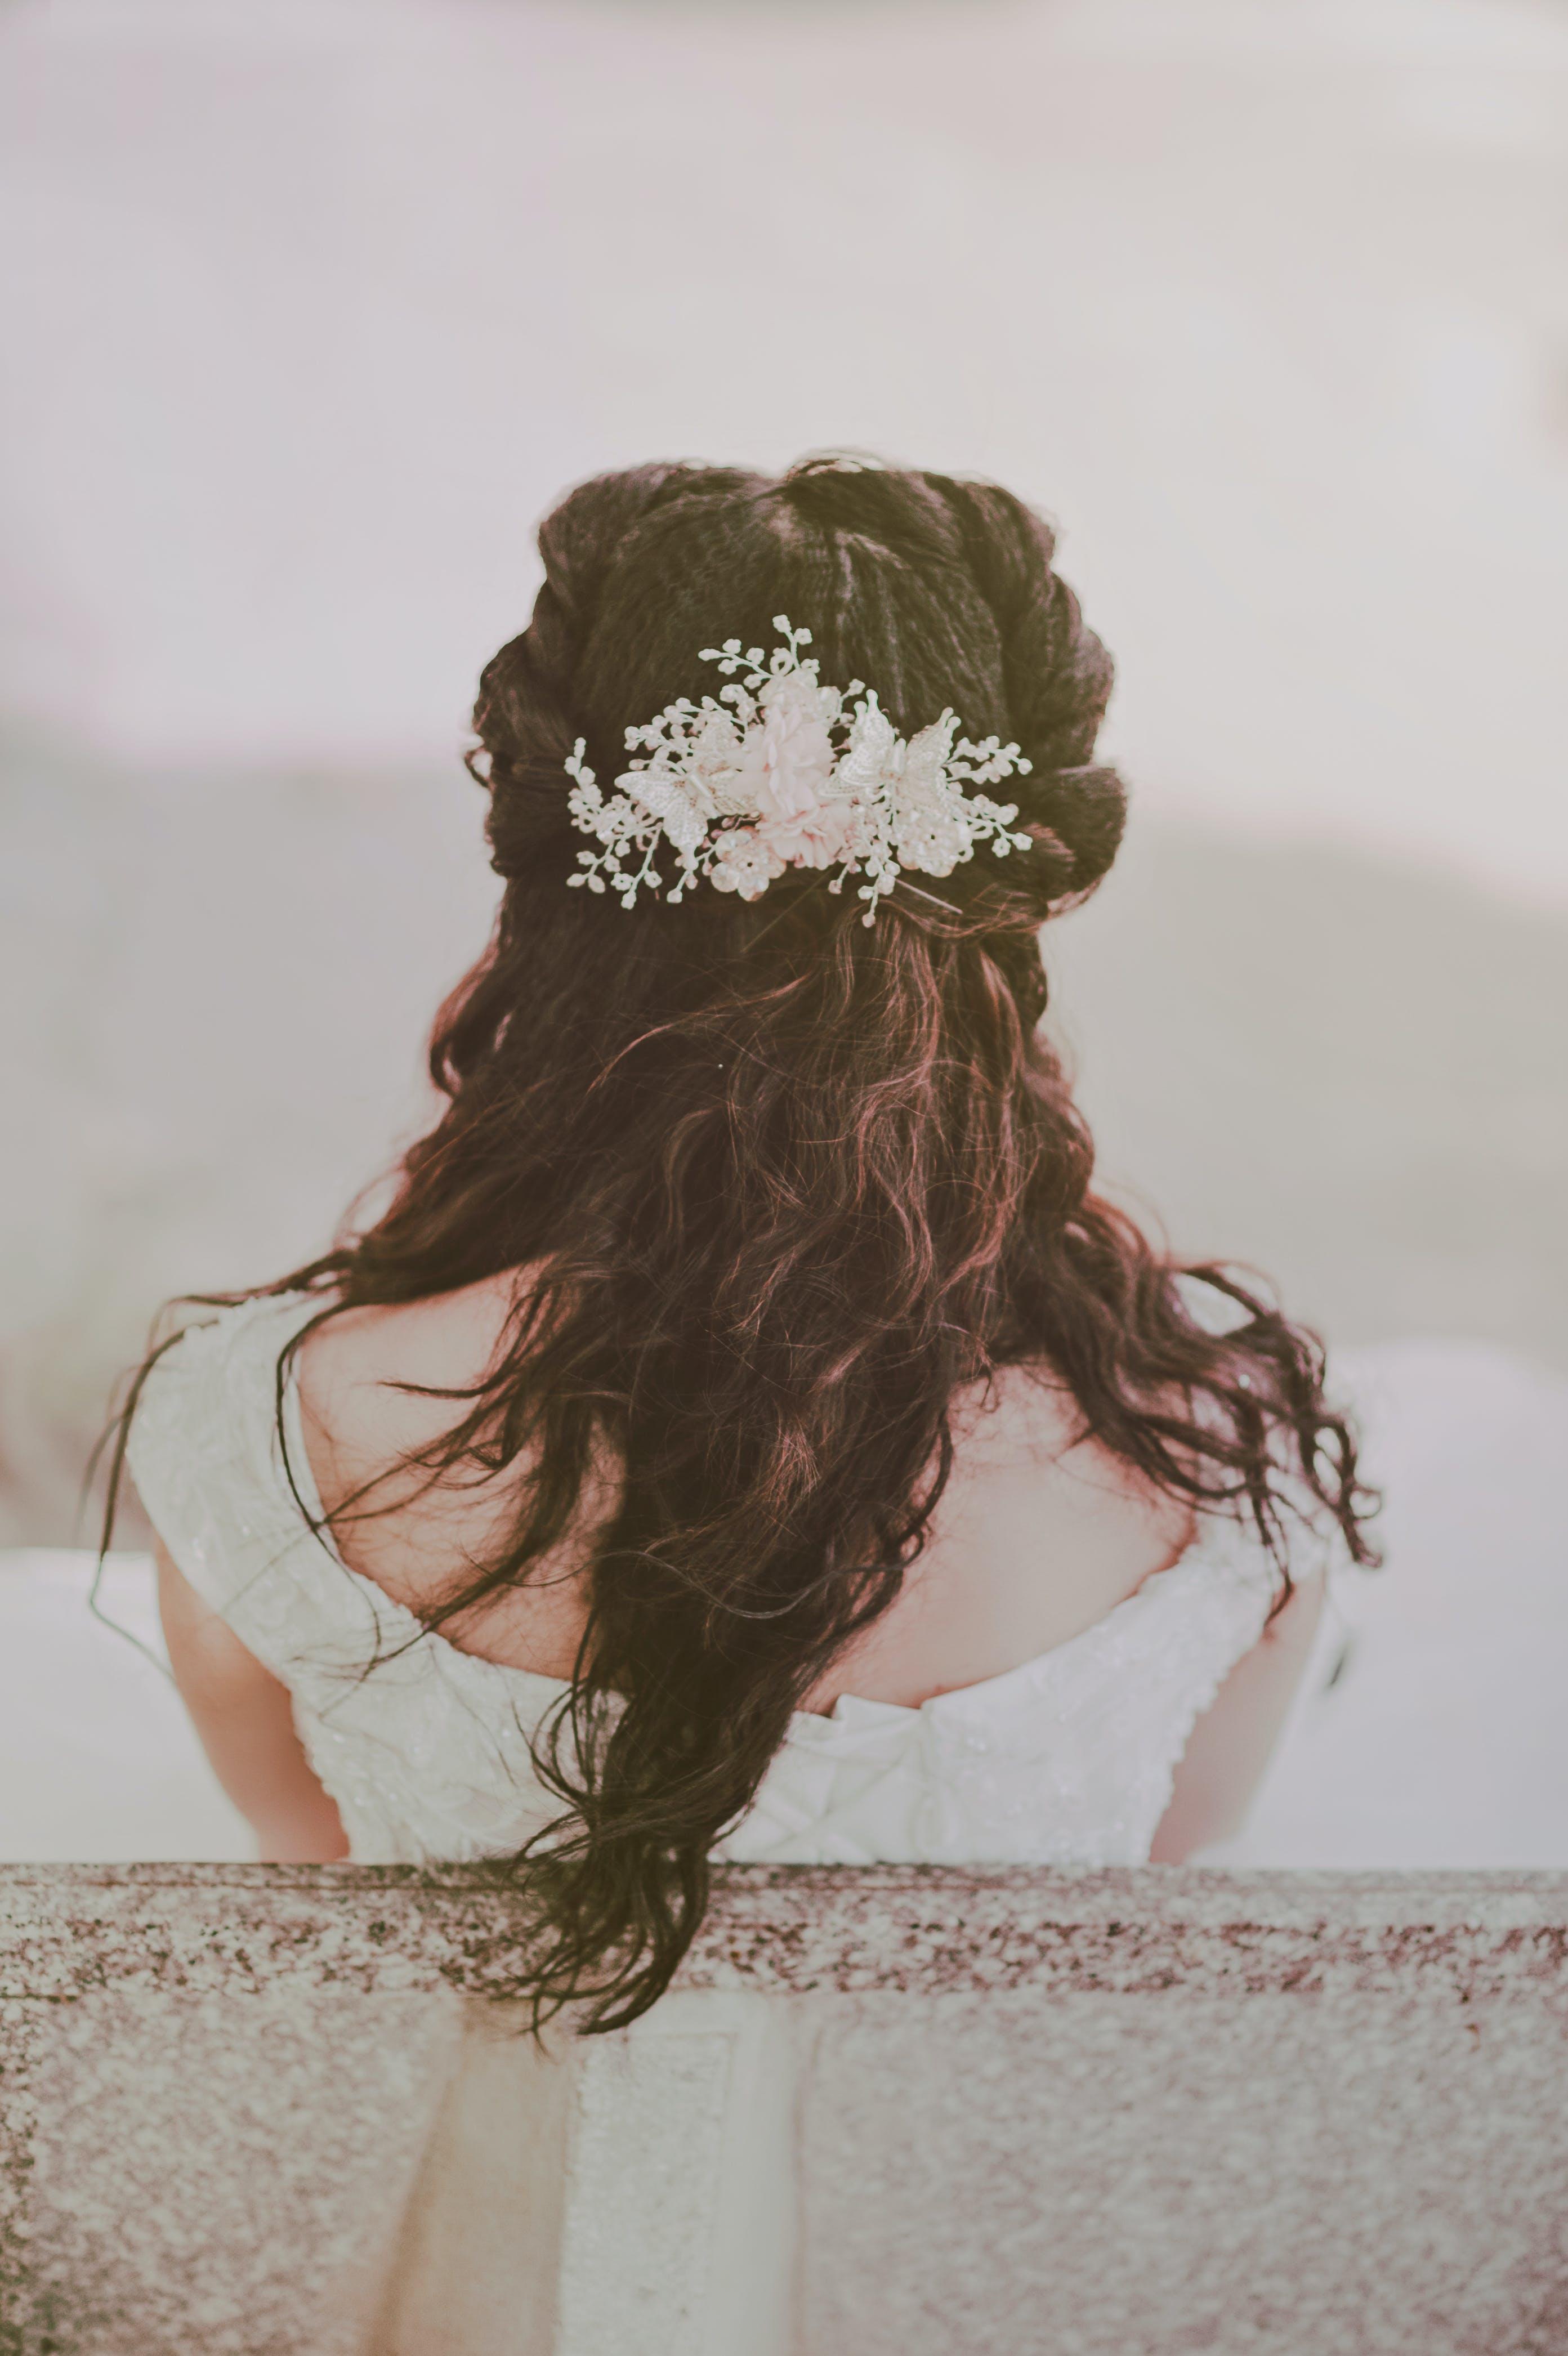 결혼, 결혼하는, 눈, 뒷모습의 무료 스톡 사진